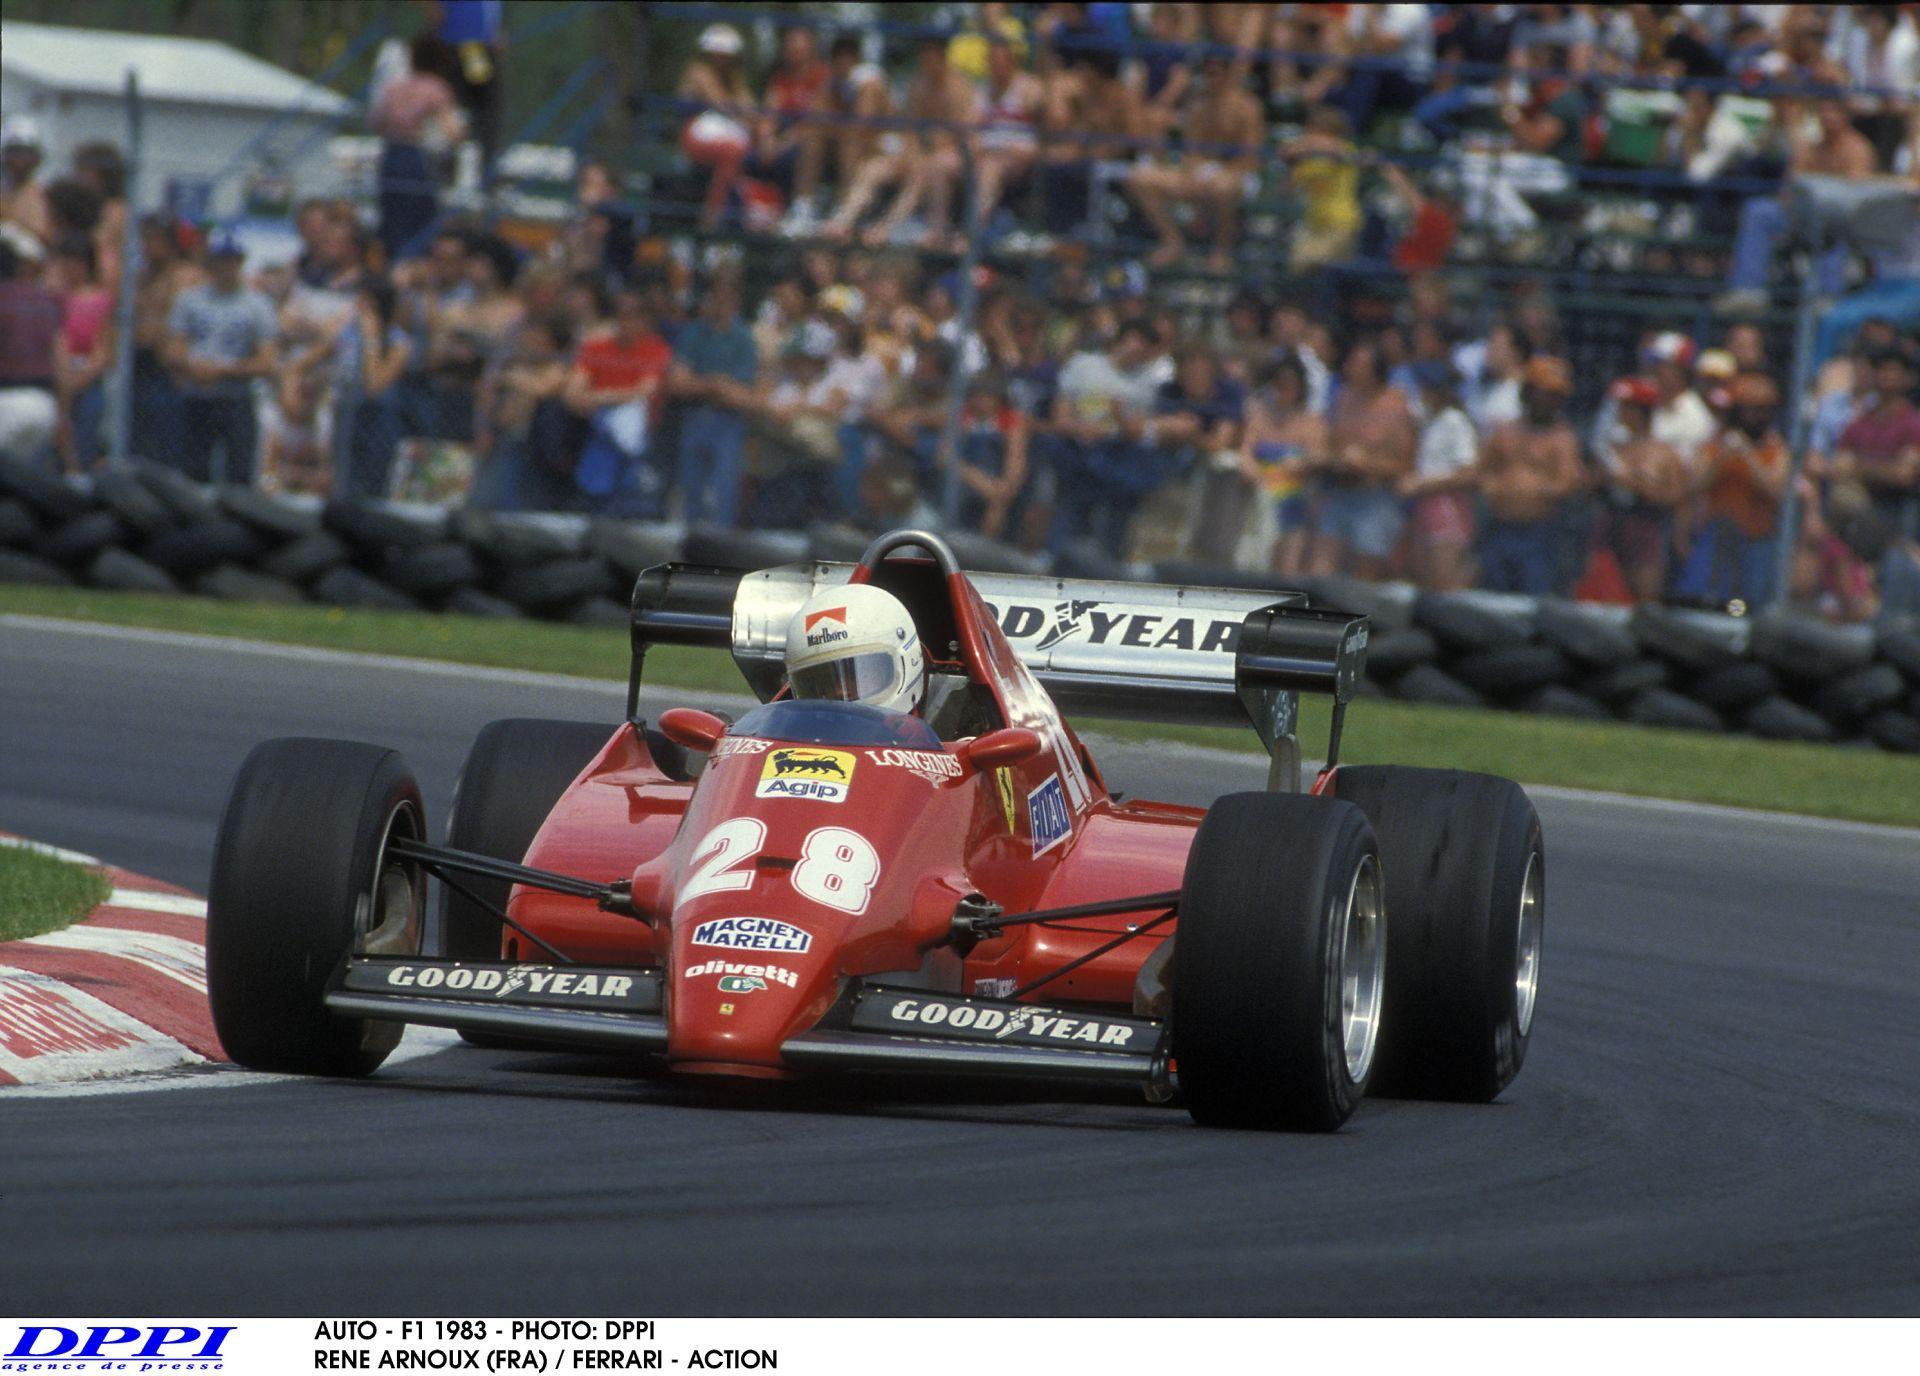 Brutális fölényes Ferrari-győzelem a Forma-1-ben: 1983. augusztus 7.